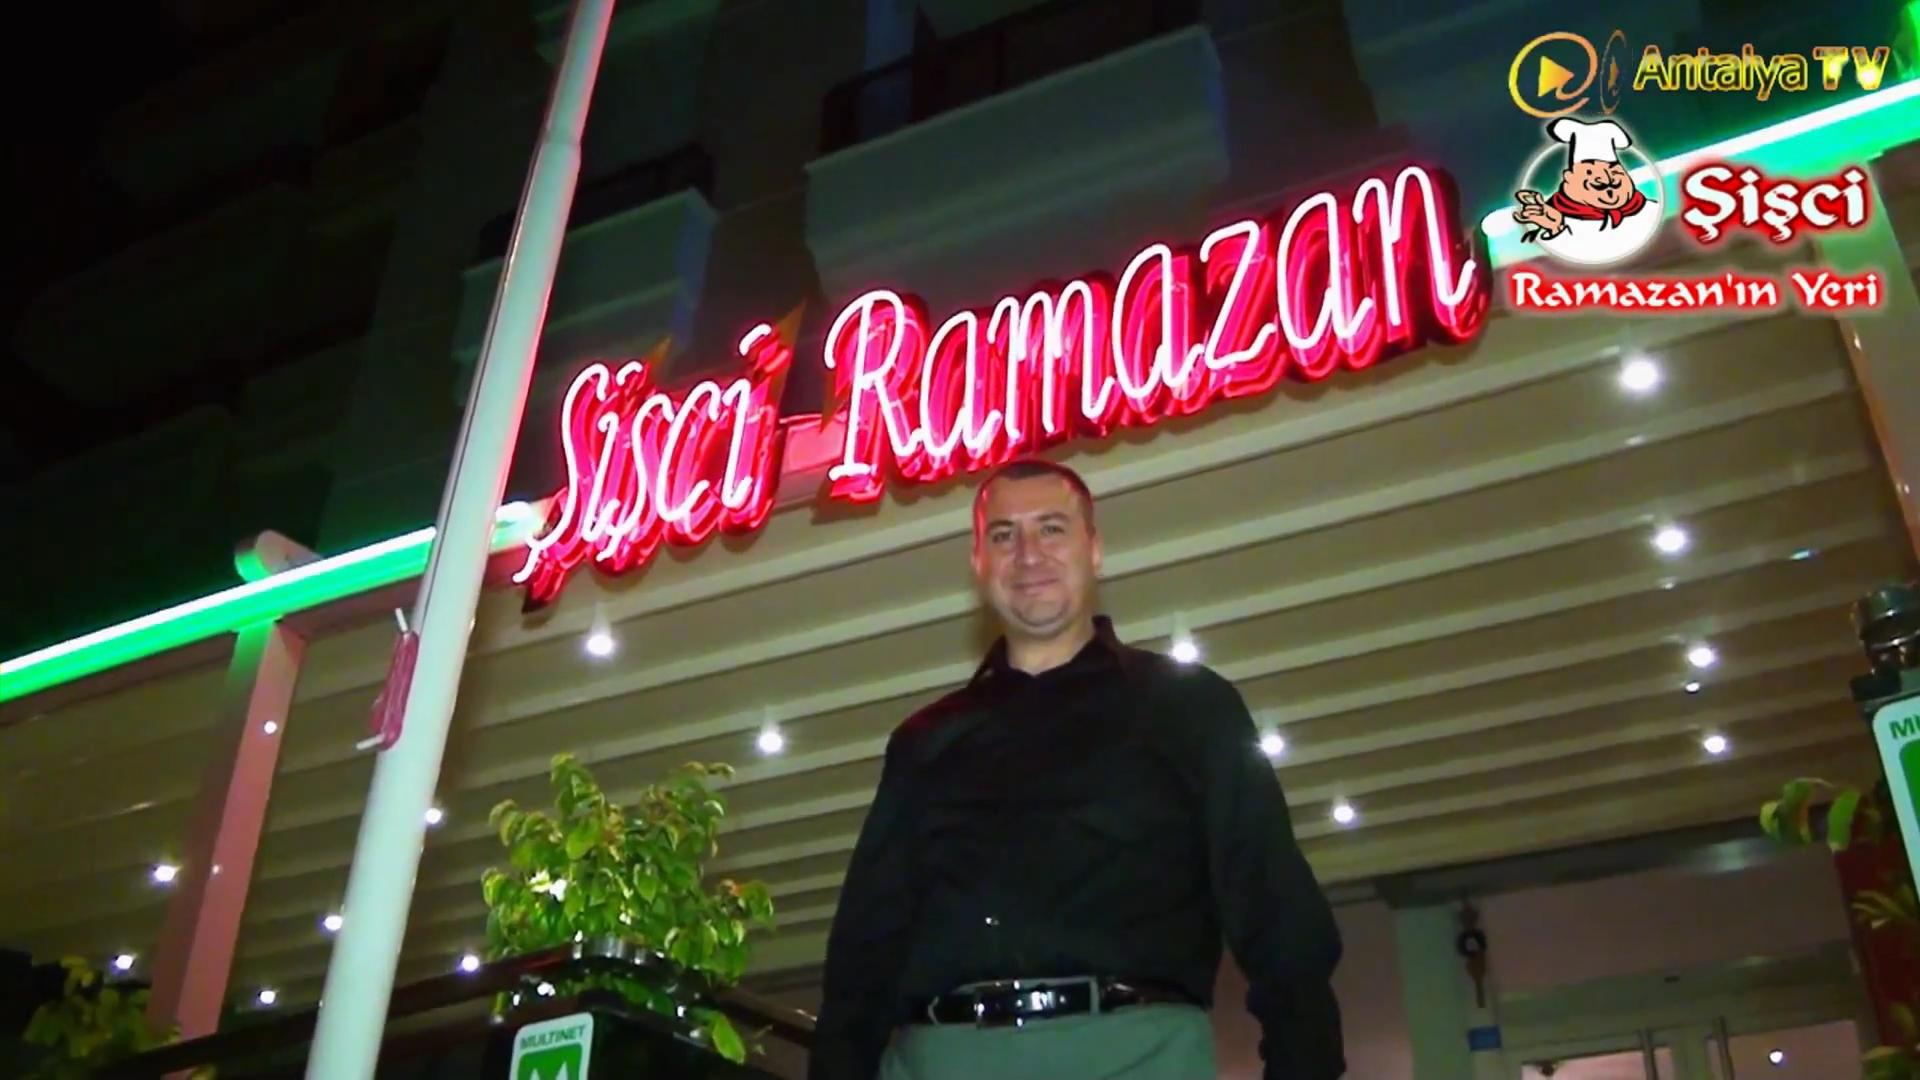 Antalya Şişçi Ramazanın Yeri -sisci ramazan -restaurant şiş köfte piyaz kabak tatlısı (41)